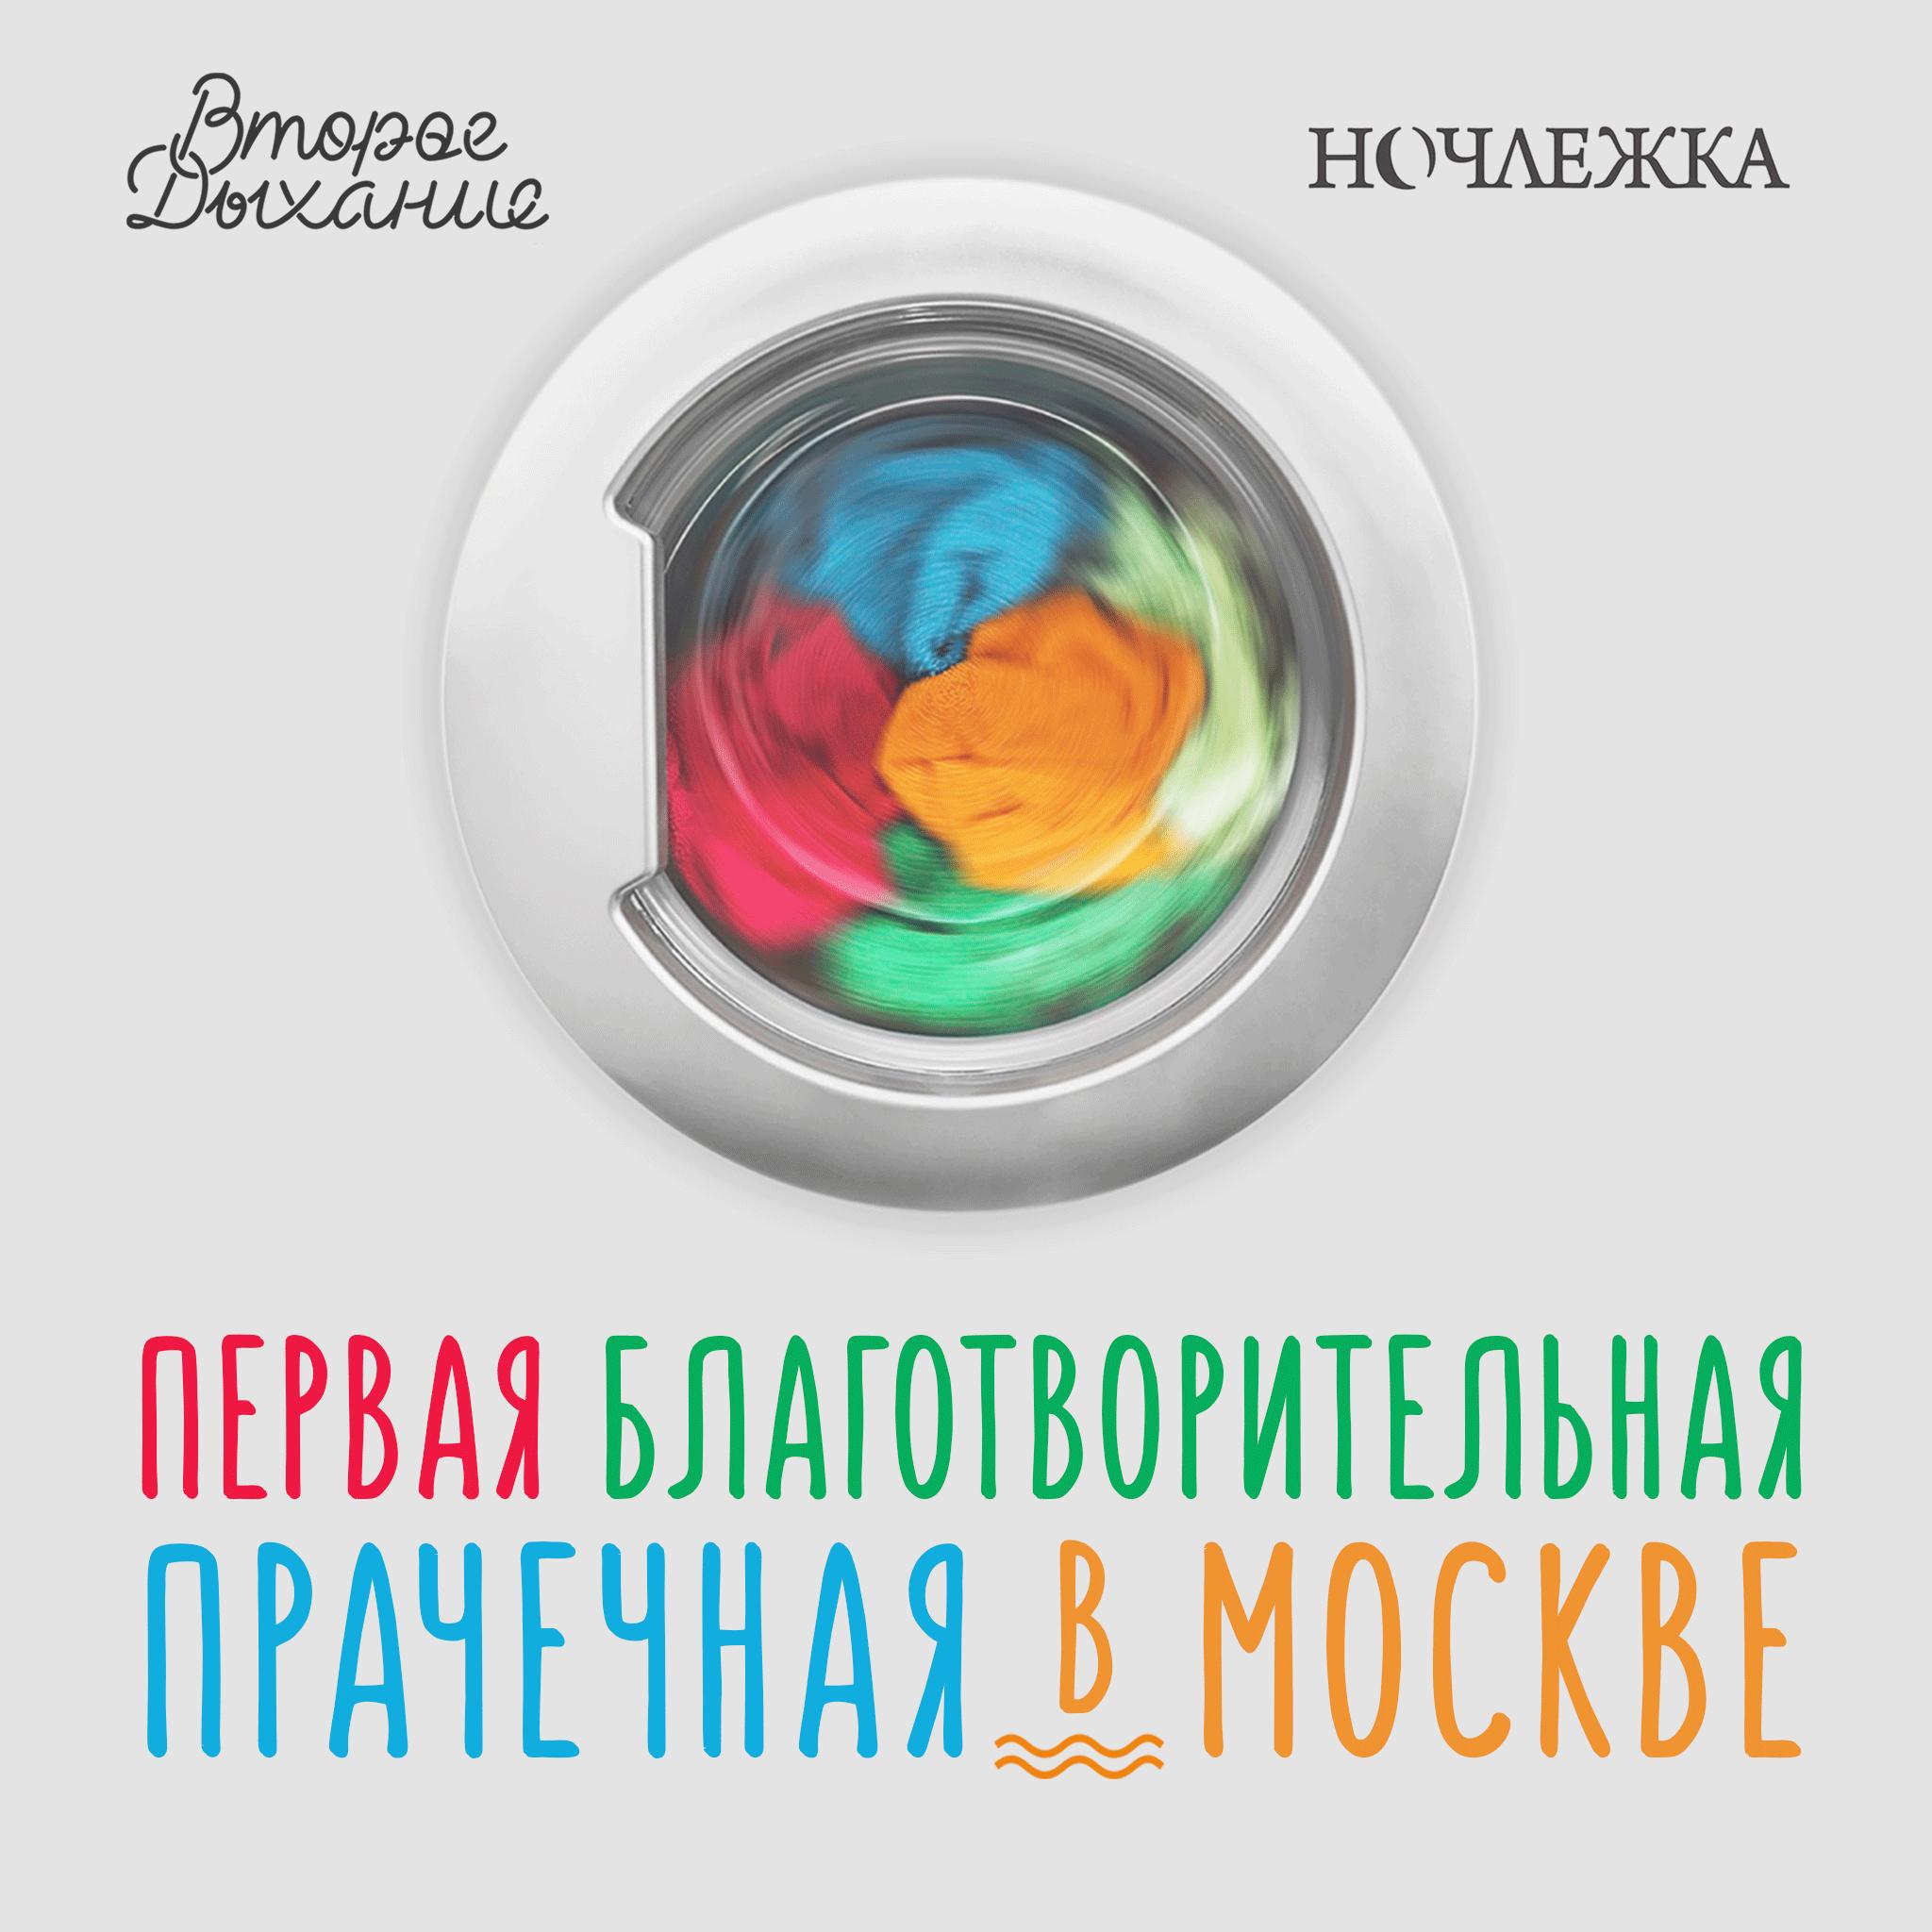 Первая благотворительная прачечная в Москве